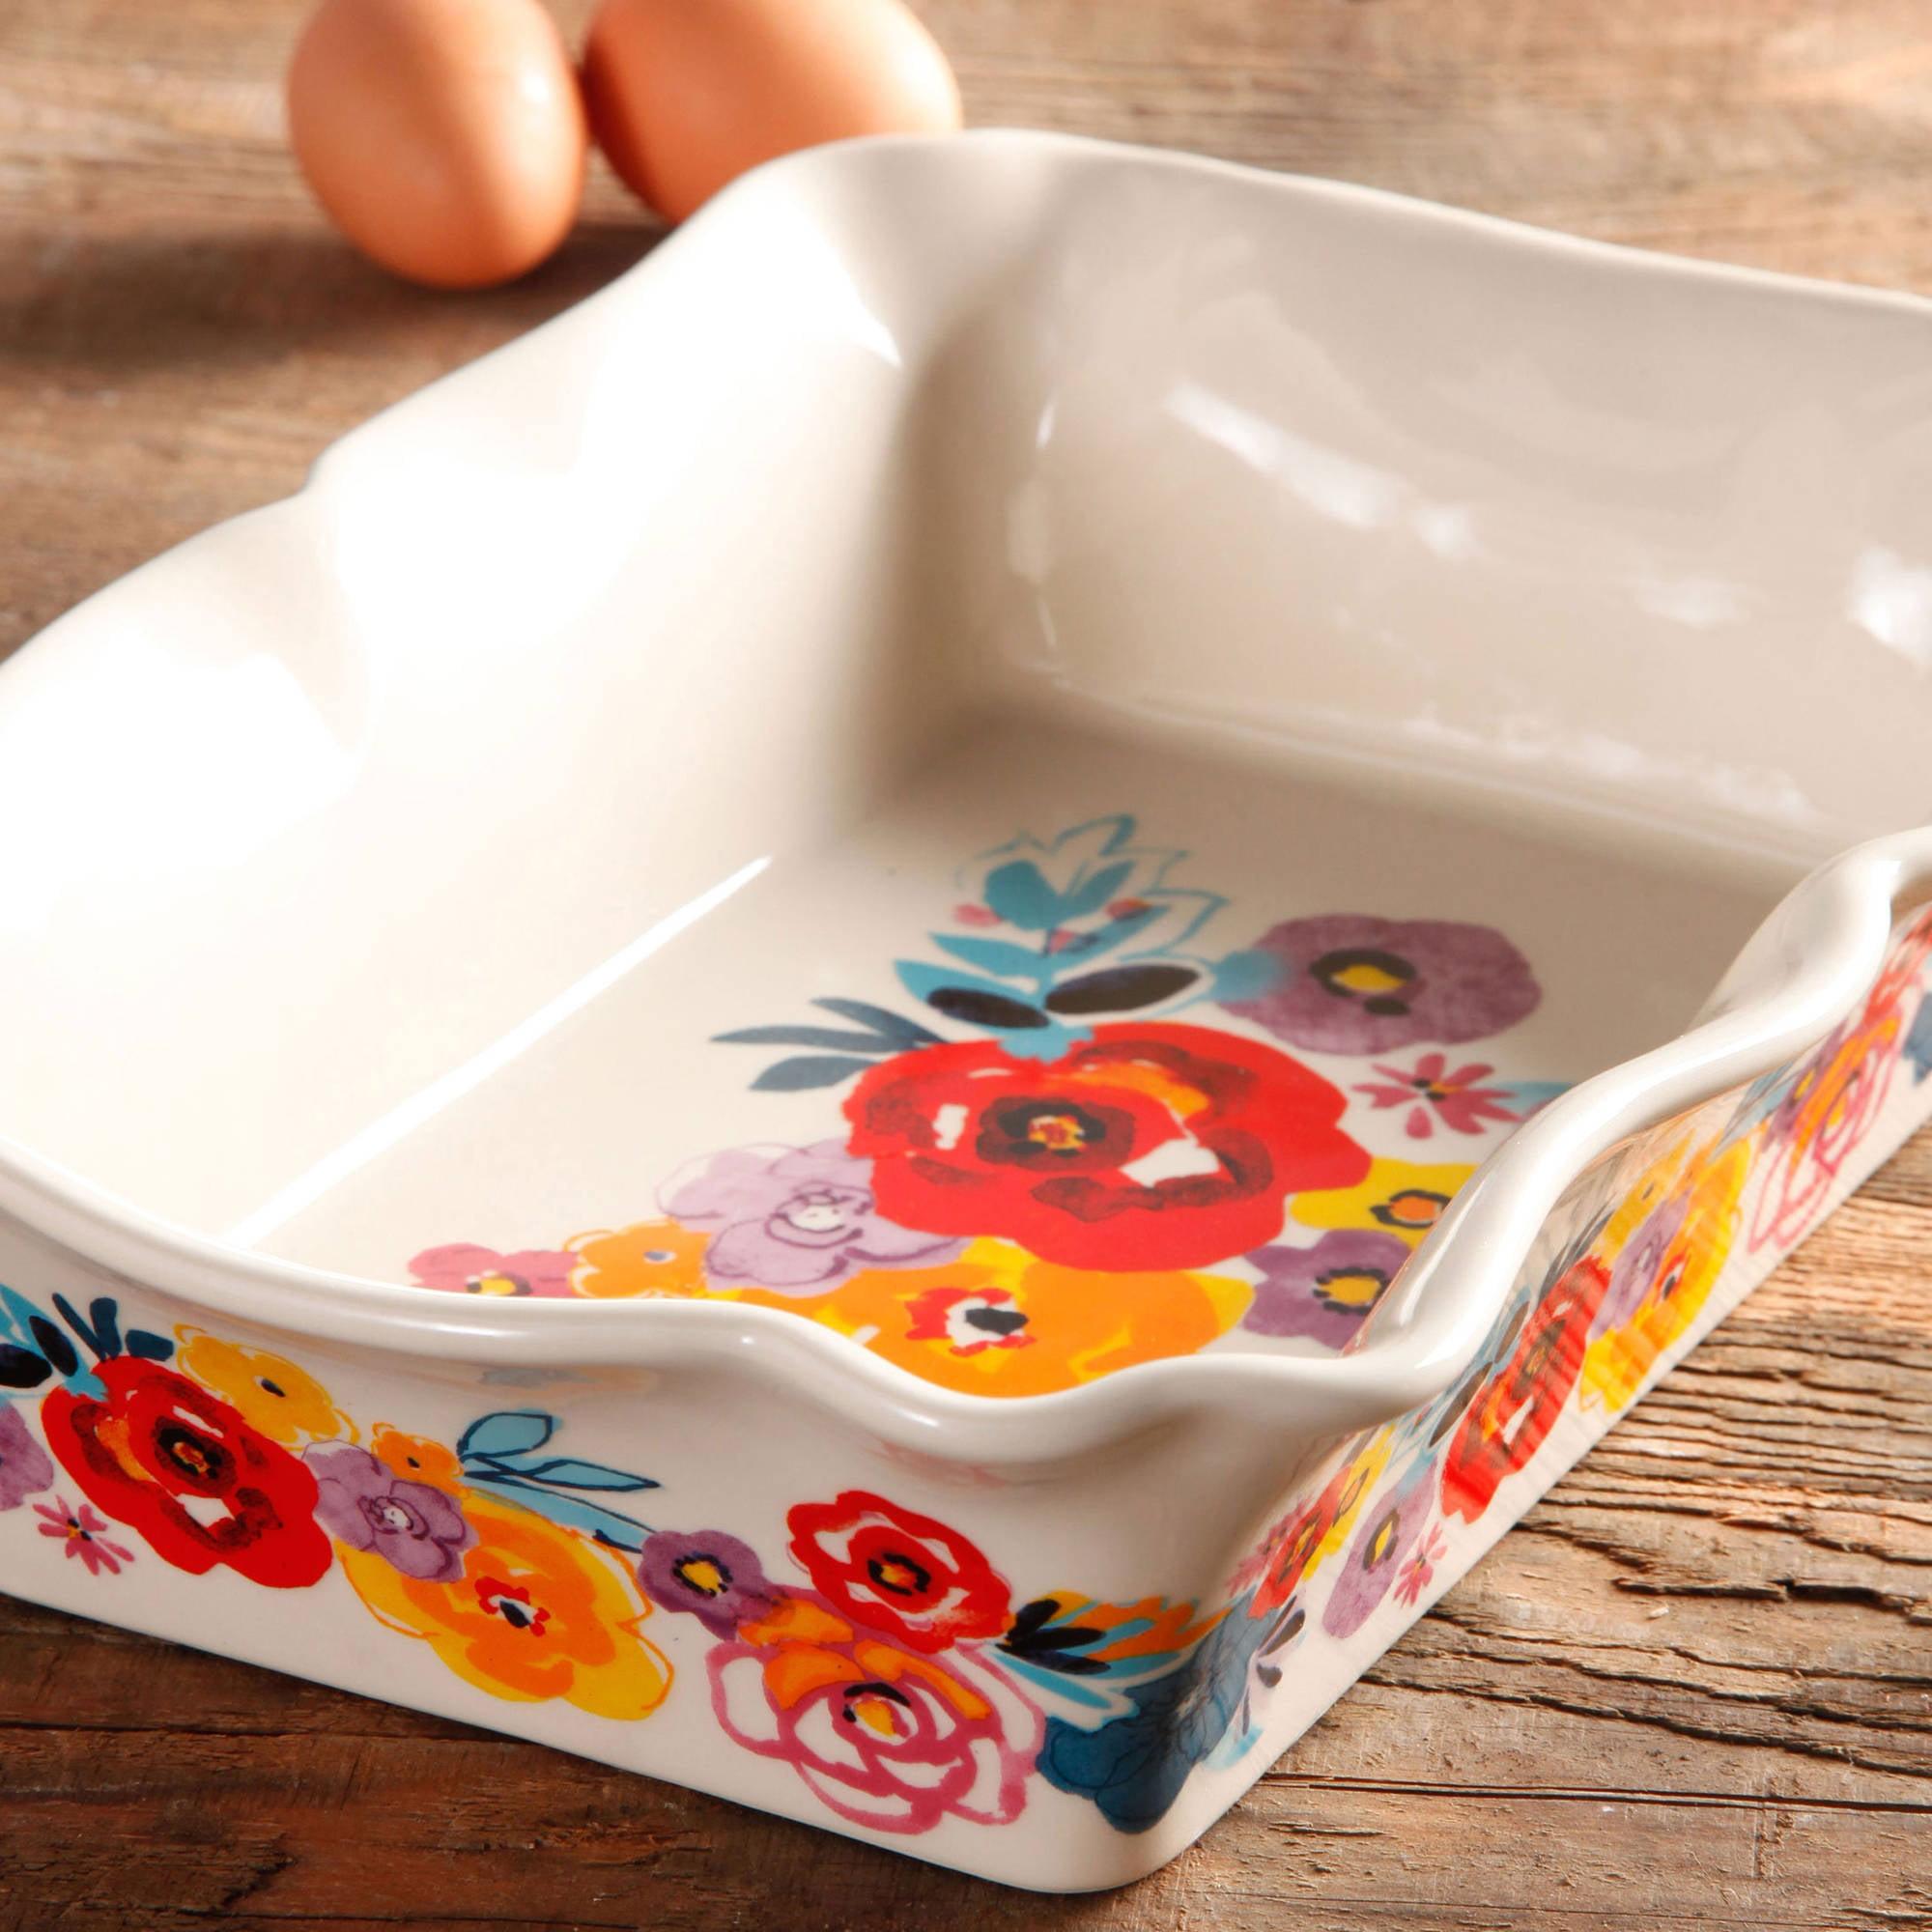 Kitchen Dining Ceramic Bakeware Set 2 Piece Non Stick